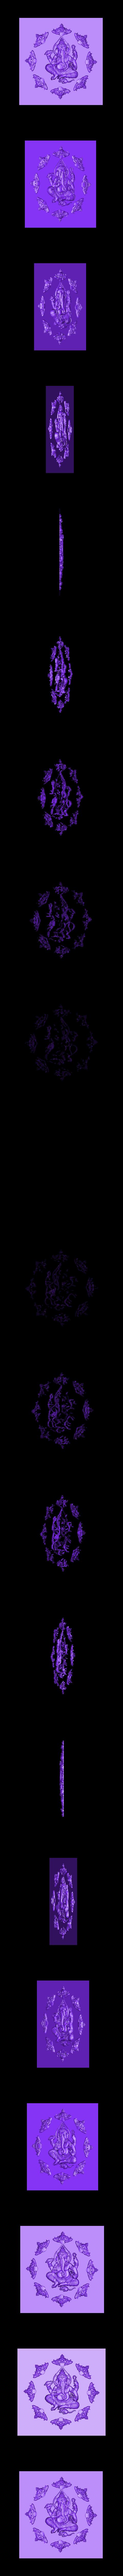 00f857d4 ccc7 49be b52b b190674008eb